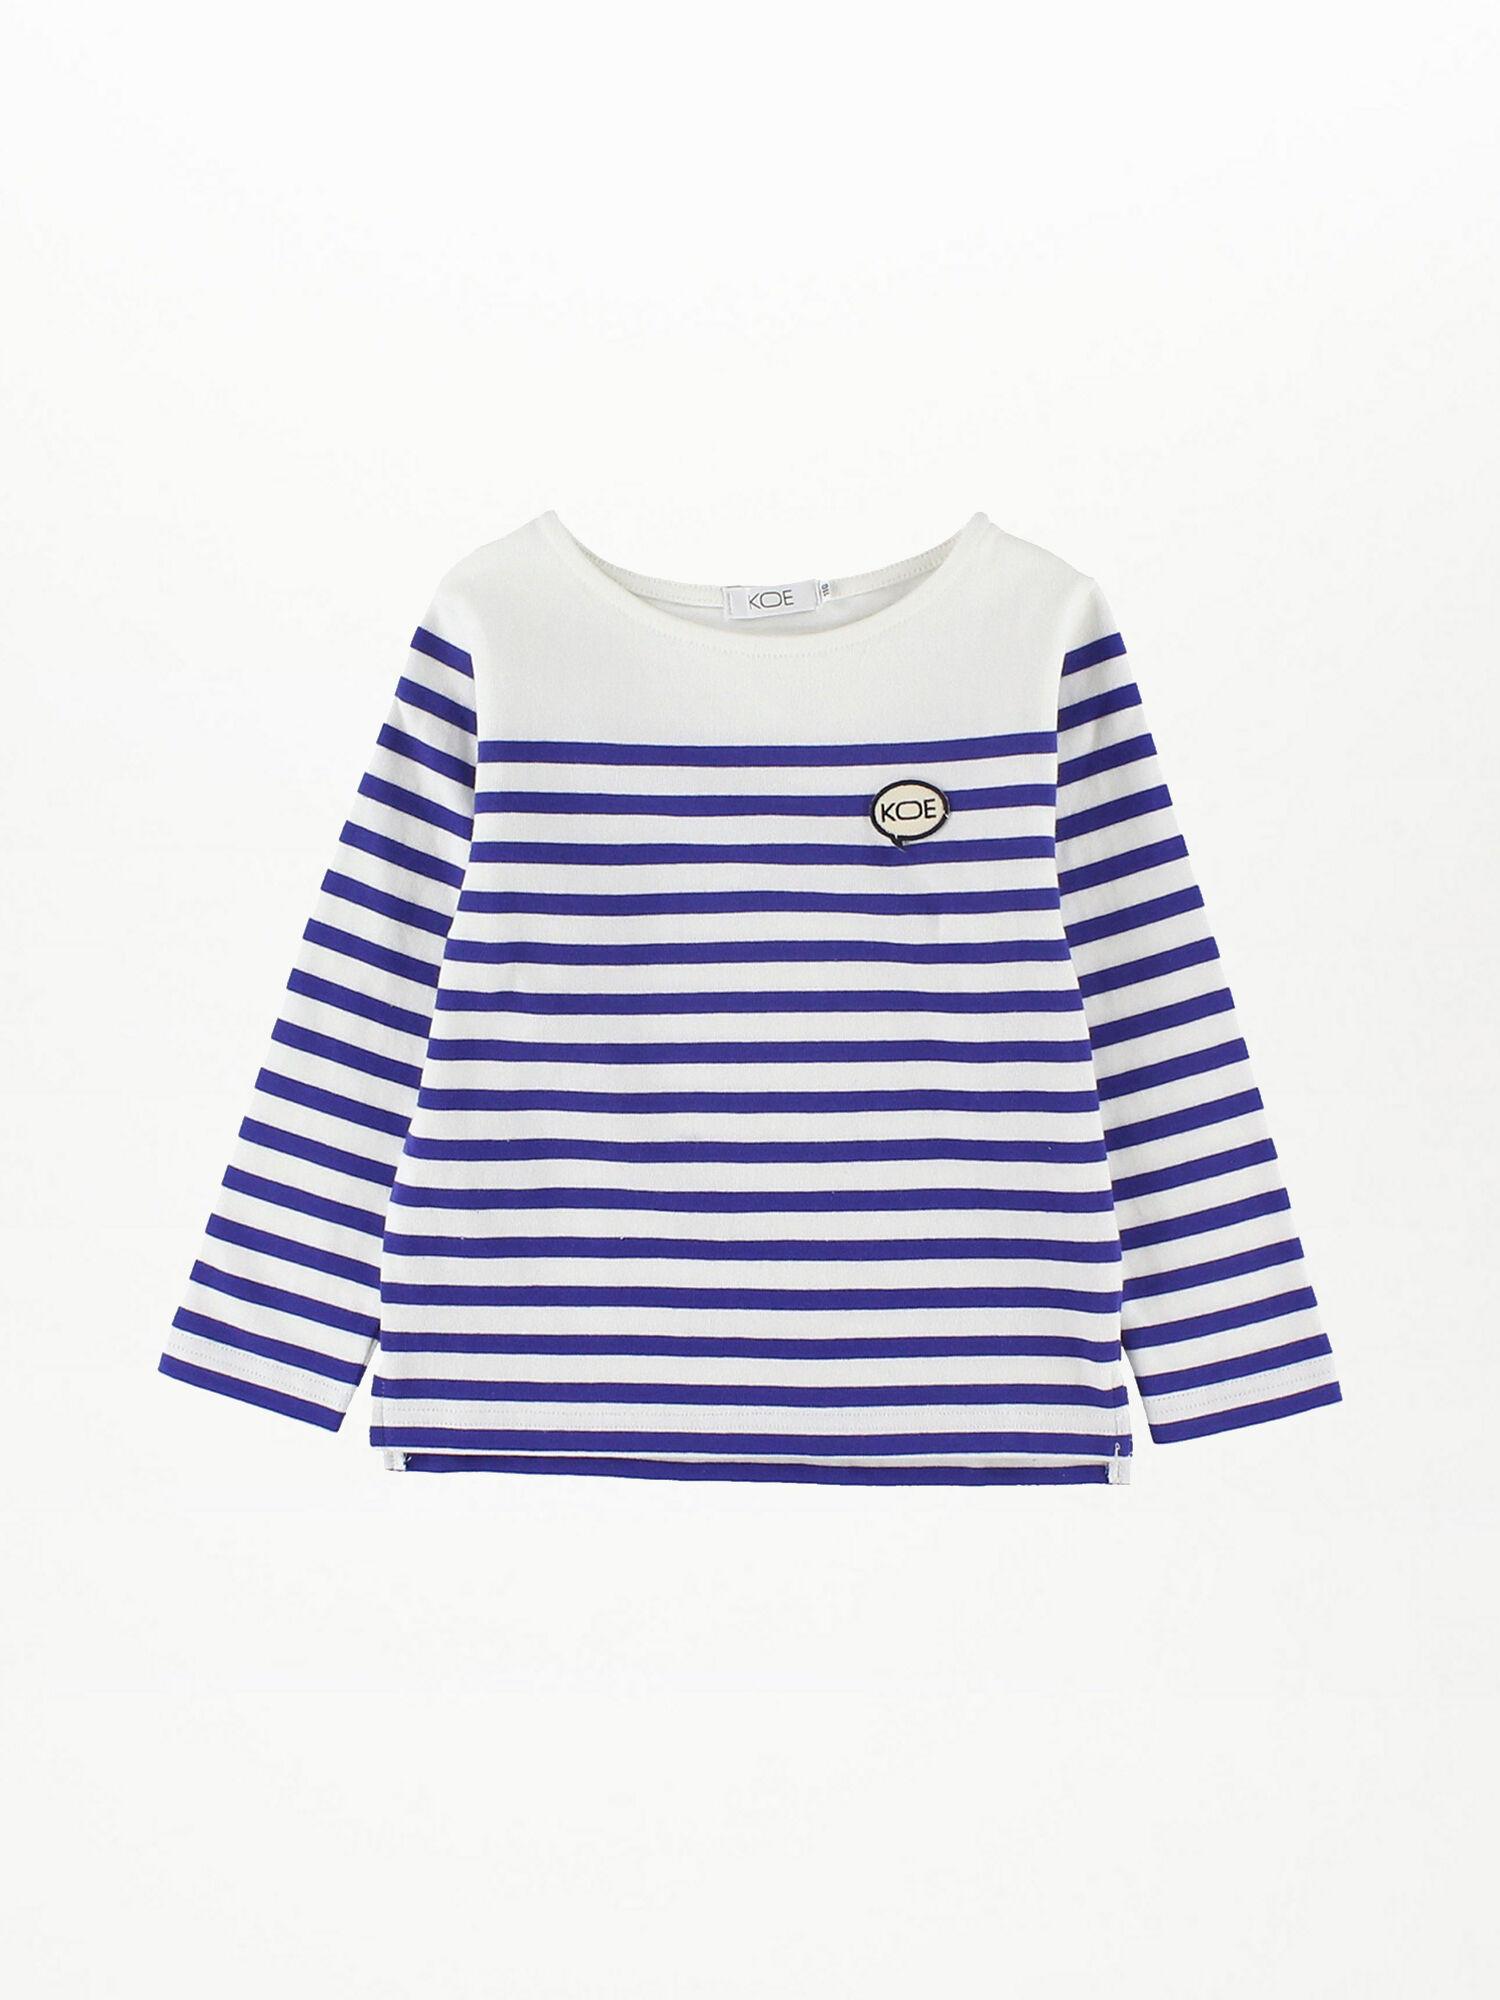 ボートネックパネルボーダーTシャツ